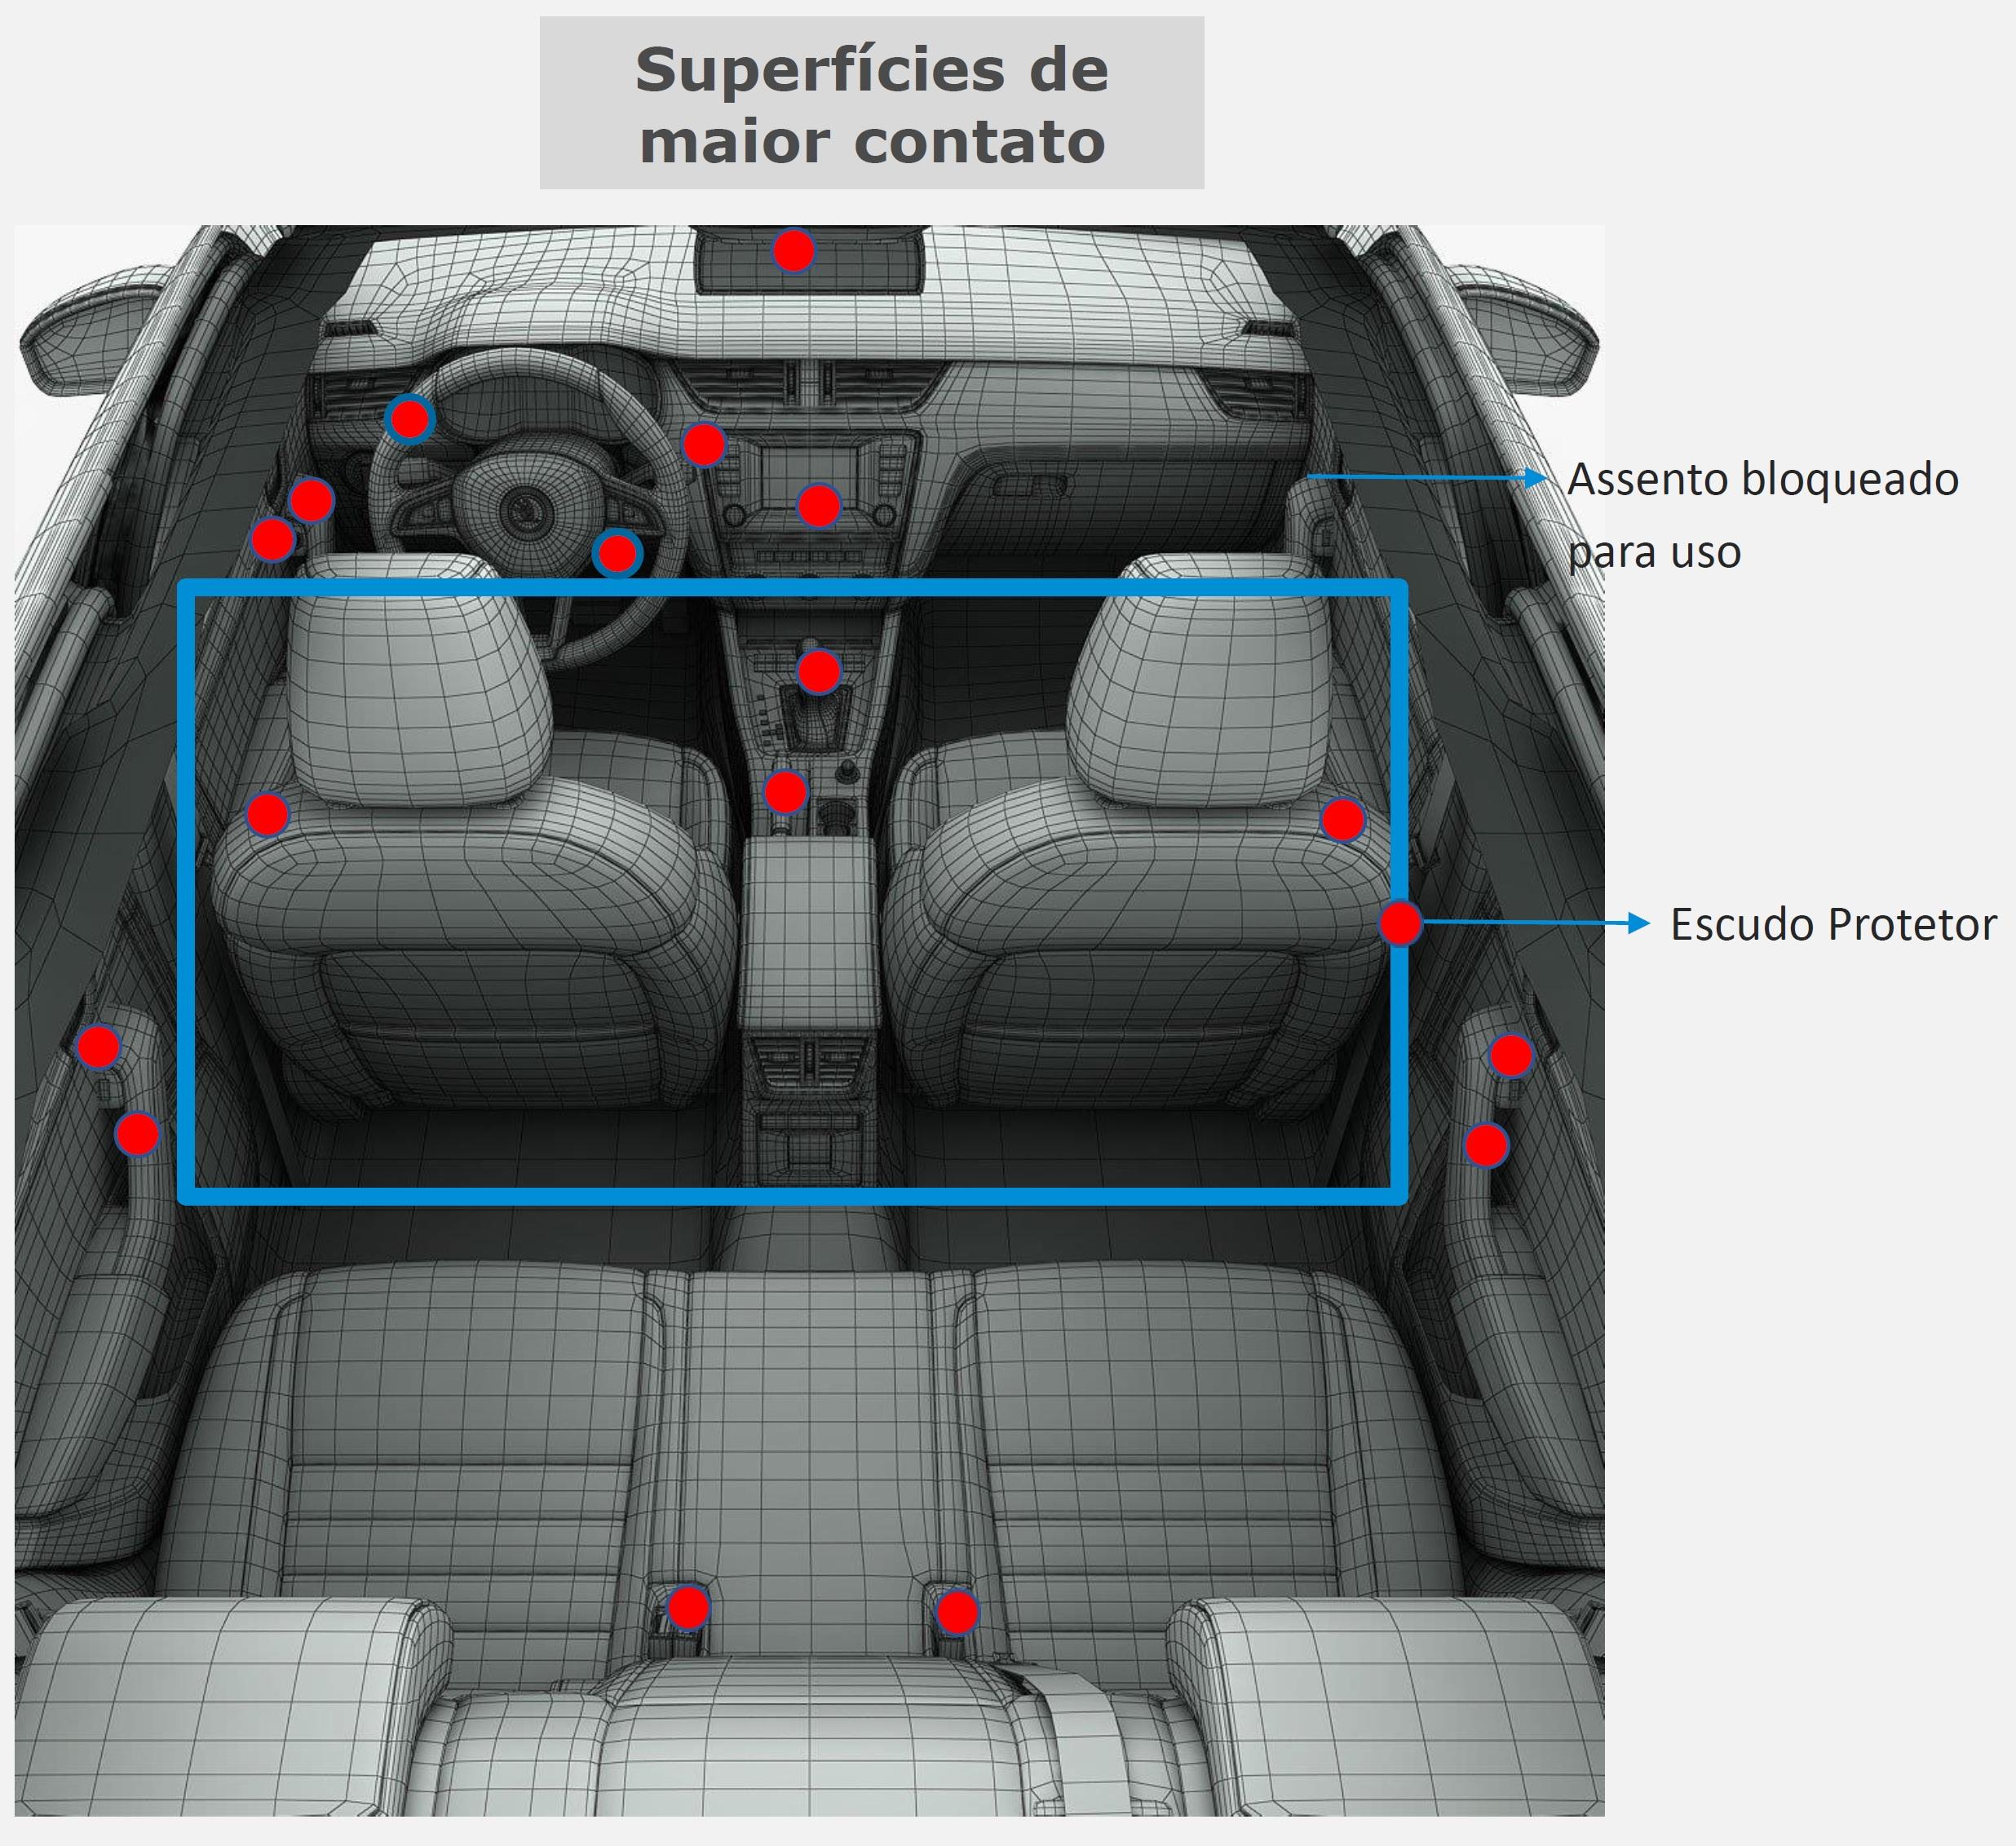 Dentro do carro: em vermelho, os pontos a se ter mais atenção